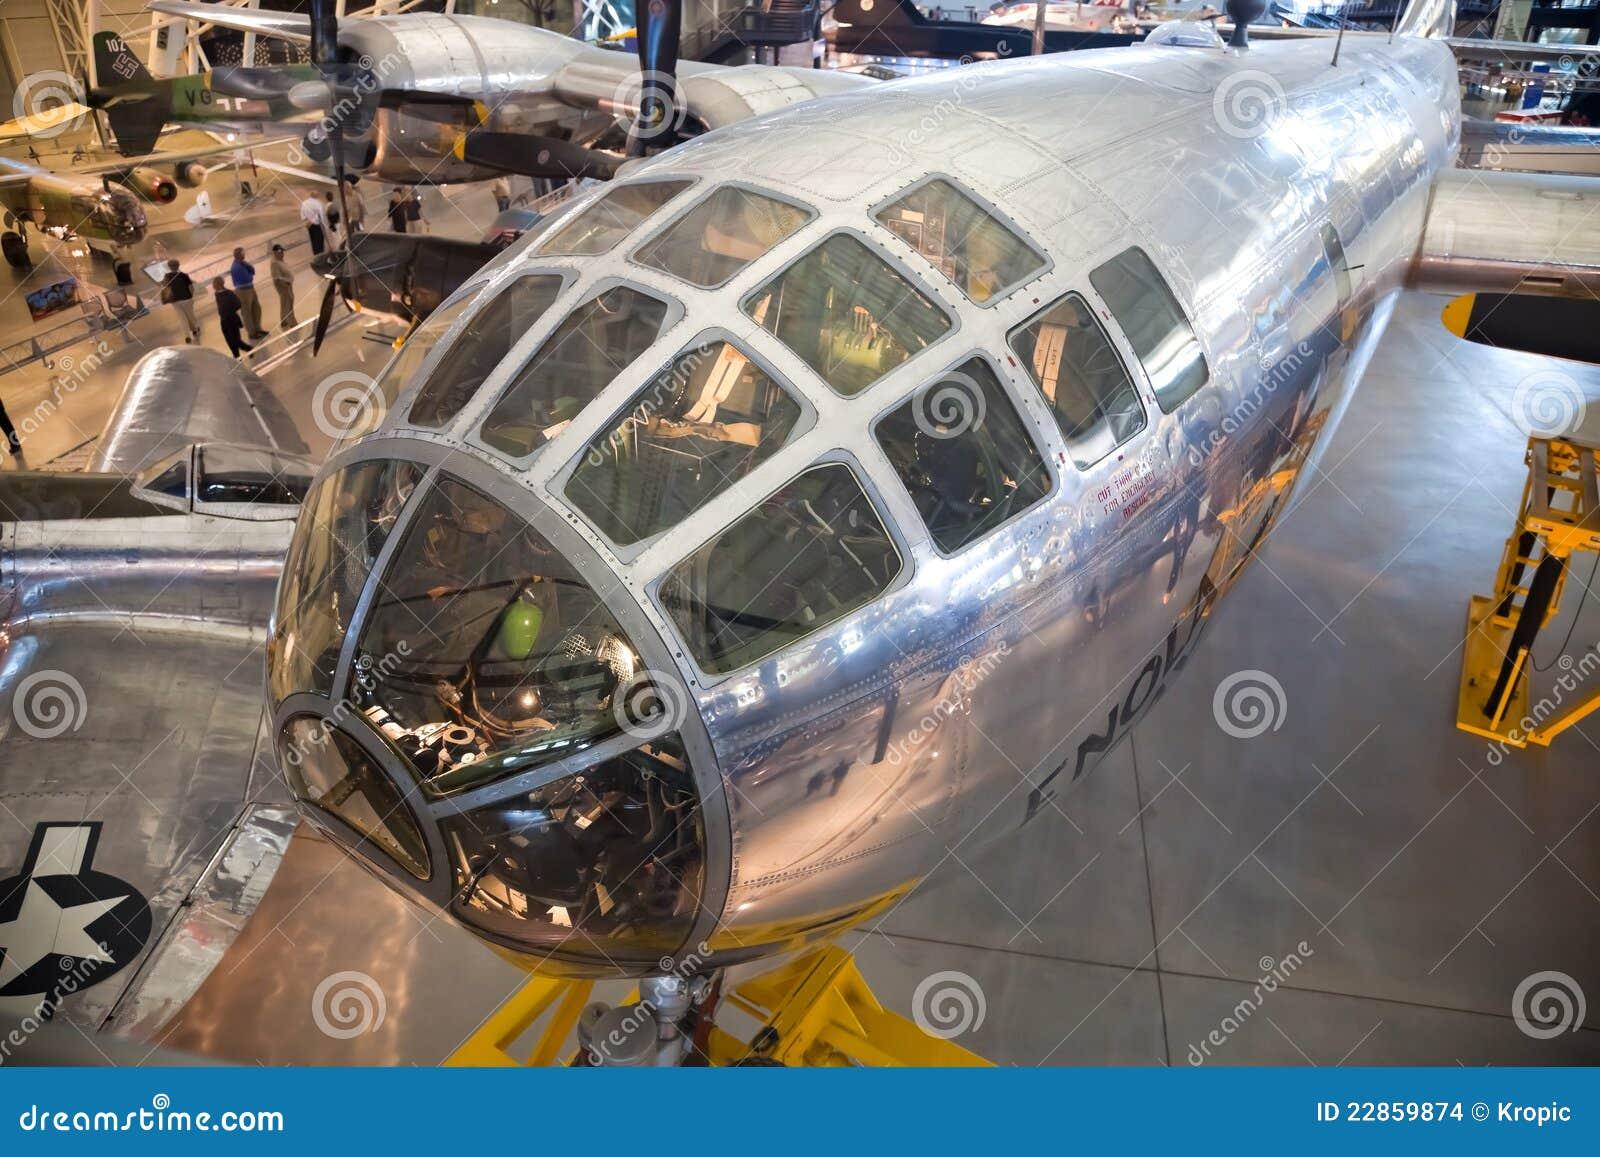 CHANTILLY, VIRGÍNIA - OUTUBRO 10: Boeing B-29